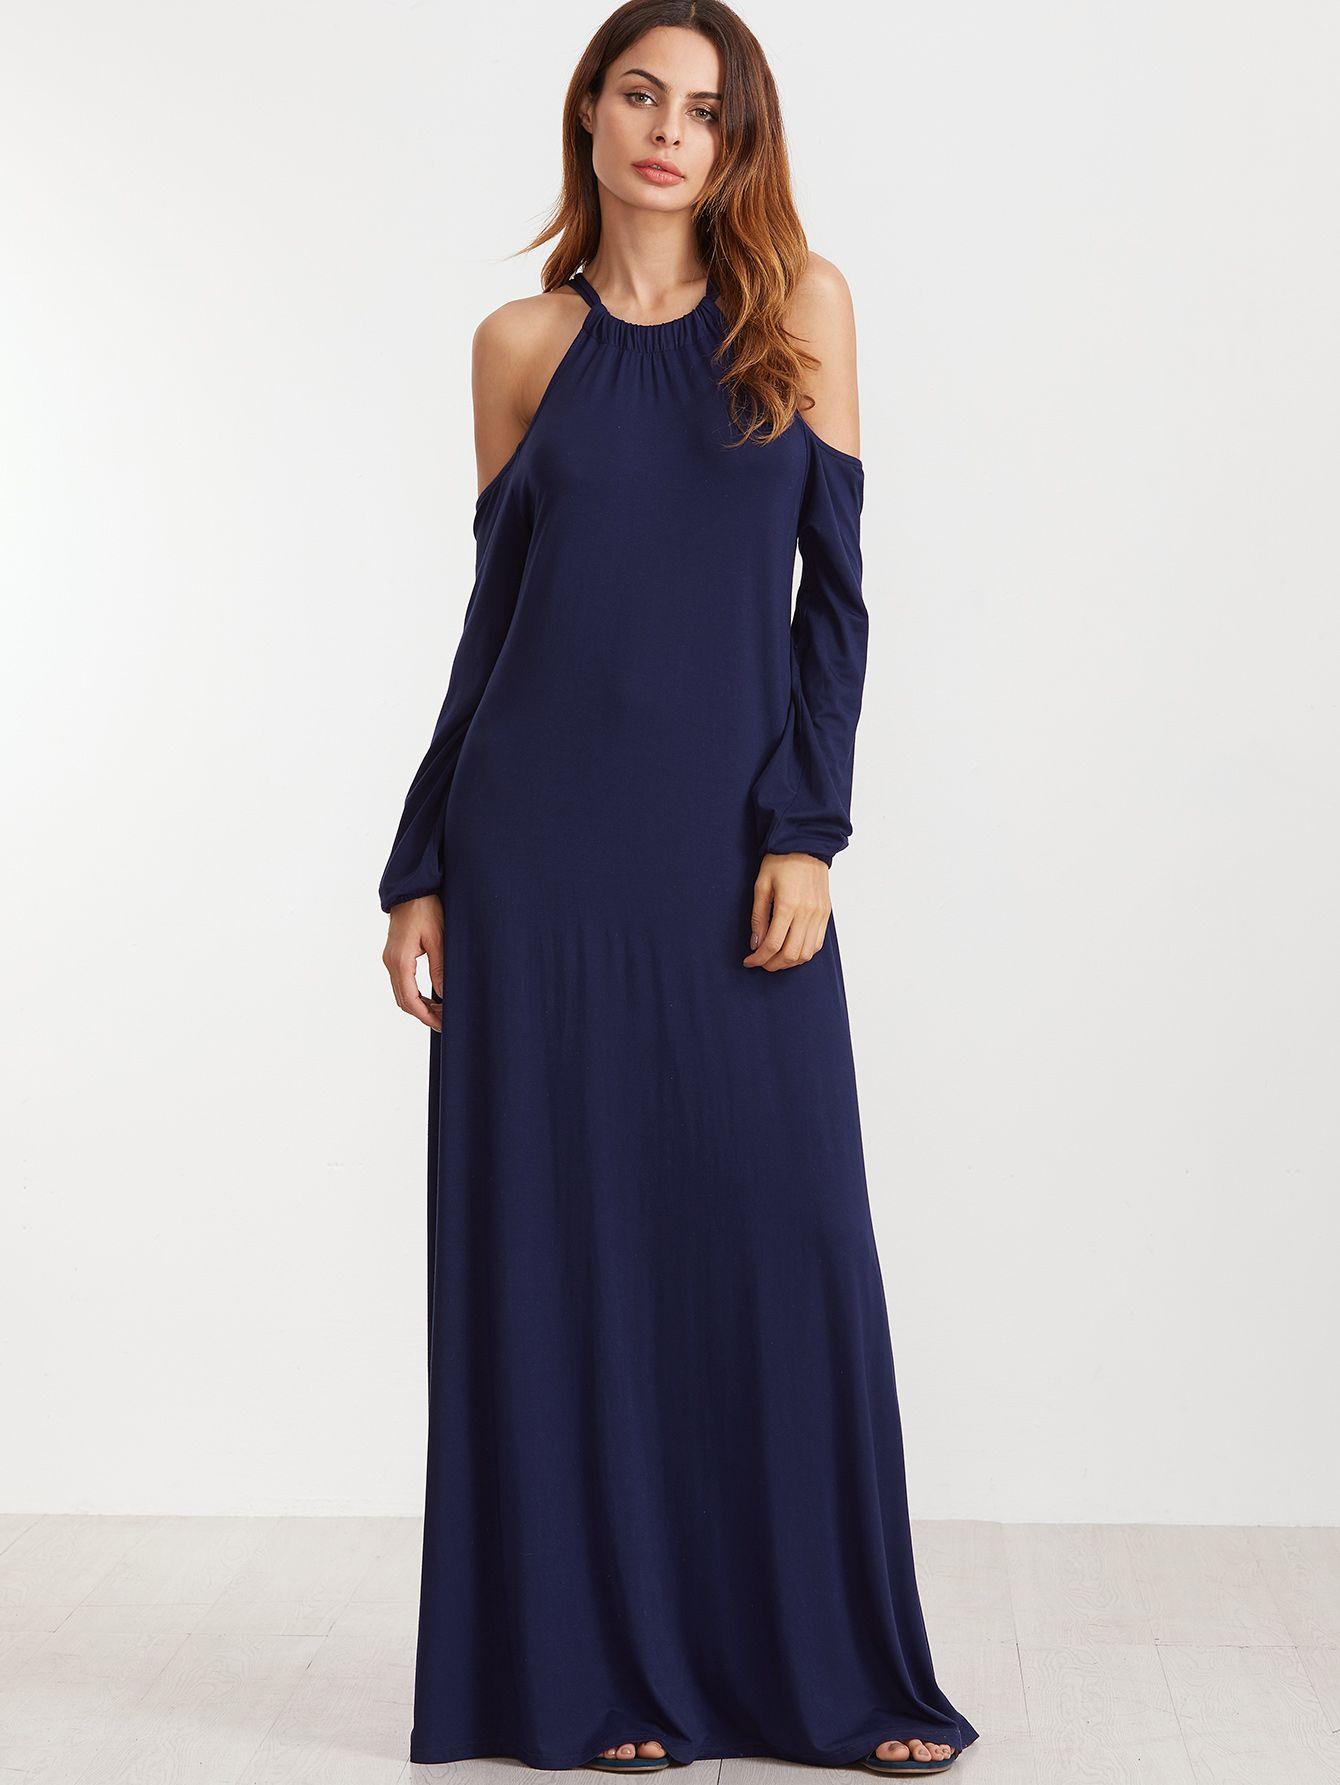 Navy Cold Shoulder Lantern Sleeve Maxi Dress | Cold shoulder, Maxi ...